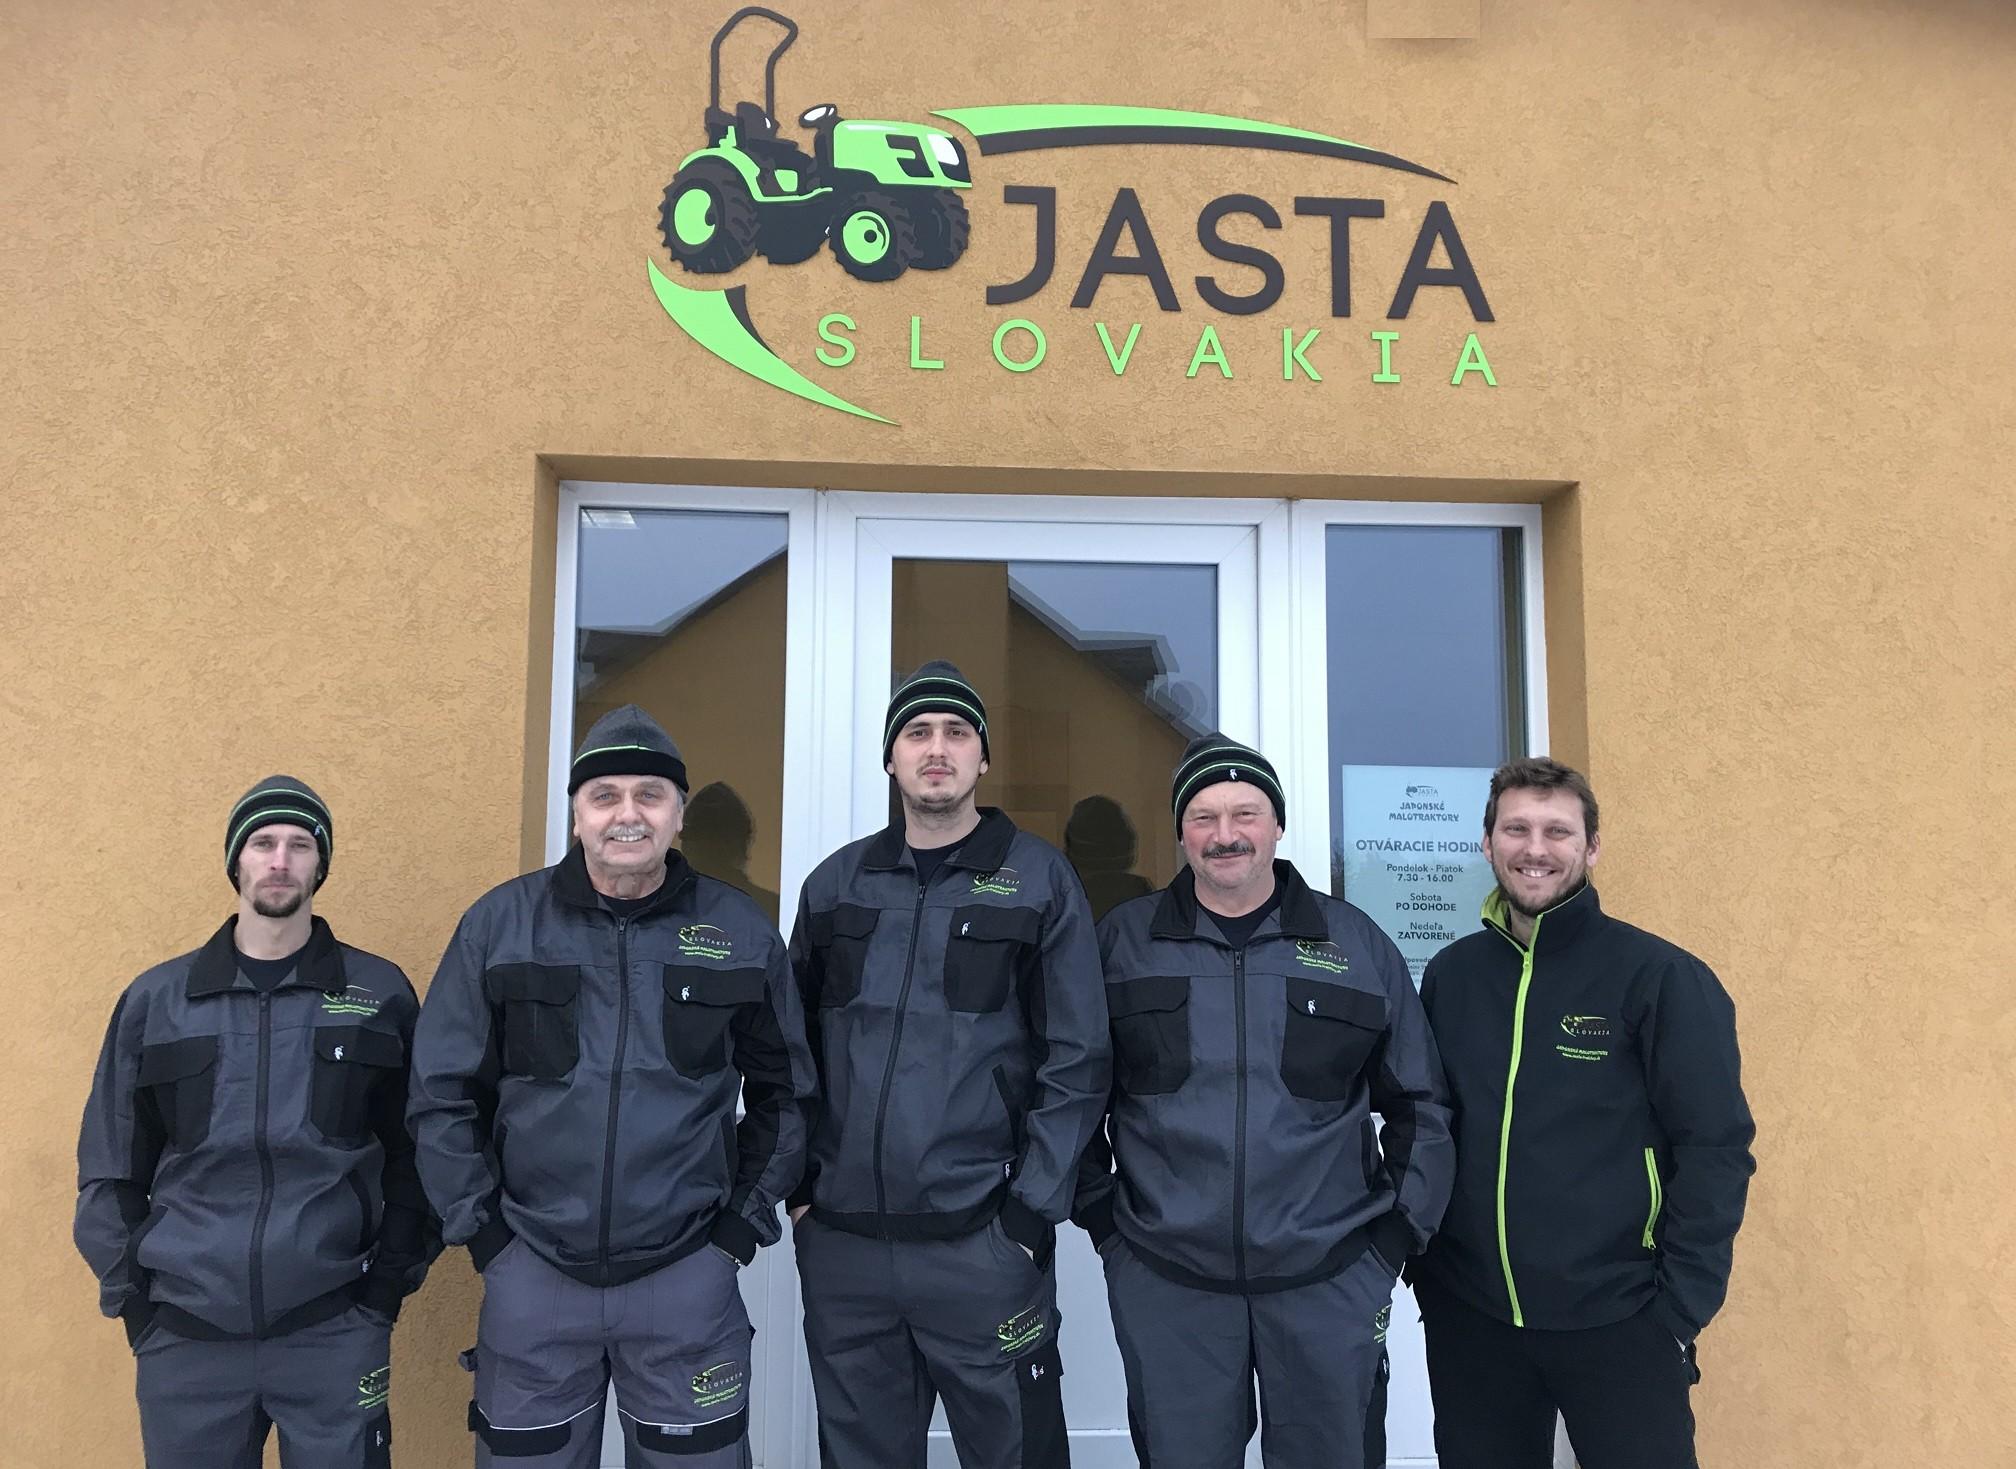 Team JASTA Slovakia